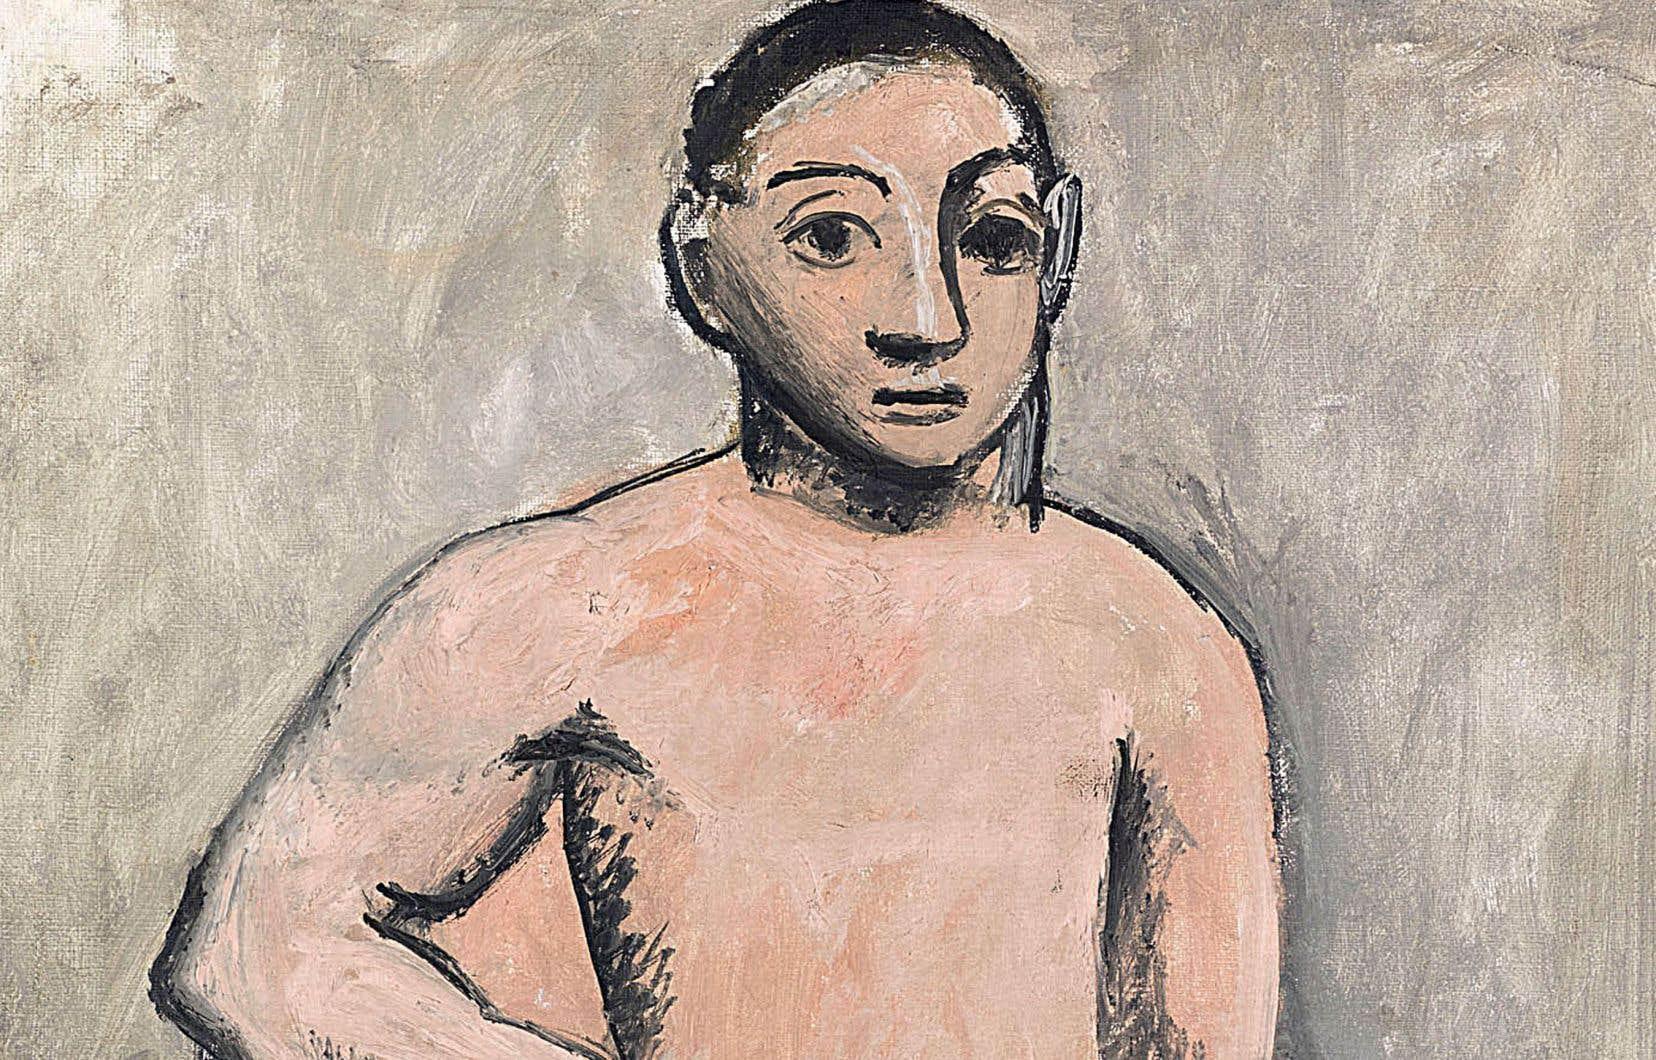 Pablo Picasso, détail de «Jeune garçon nu», automne 1906